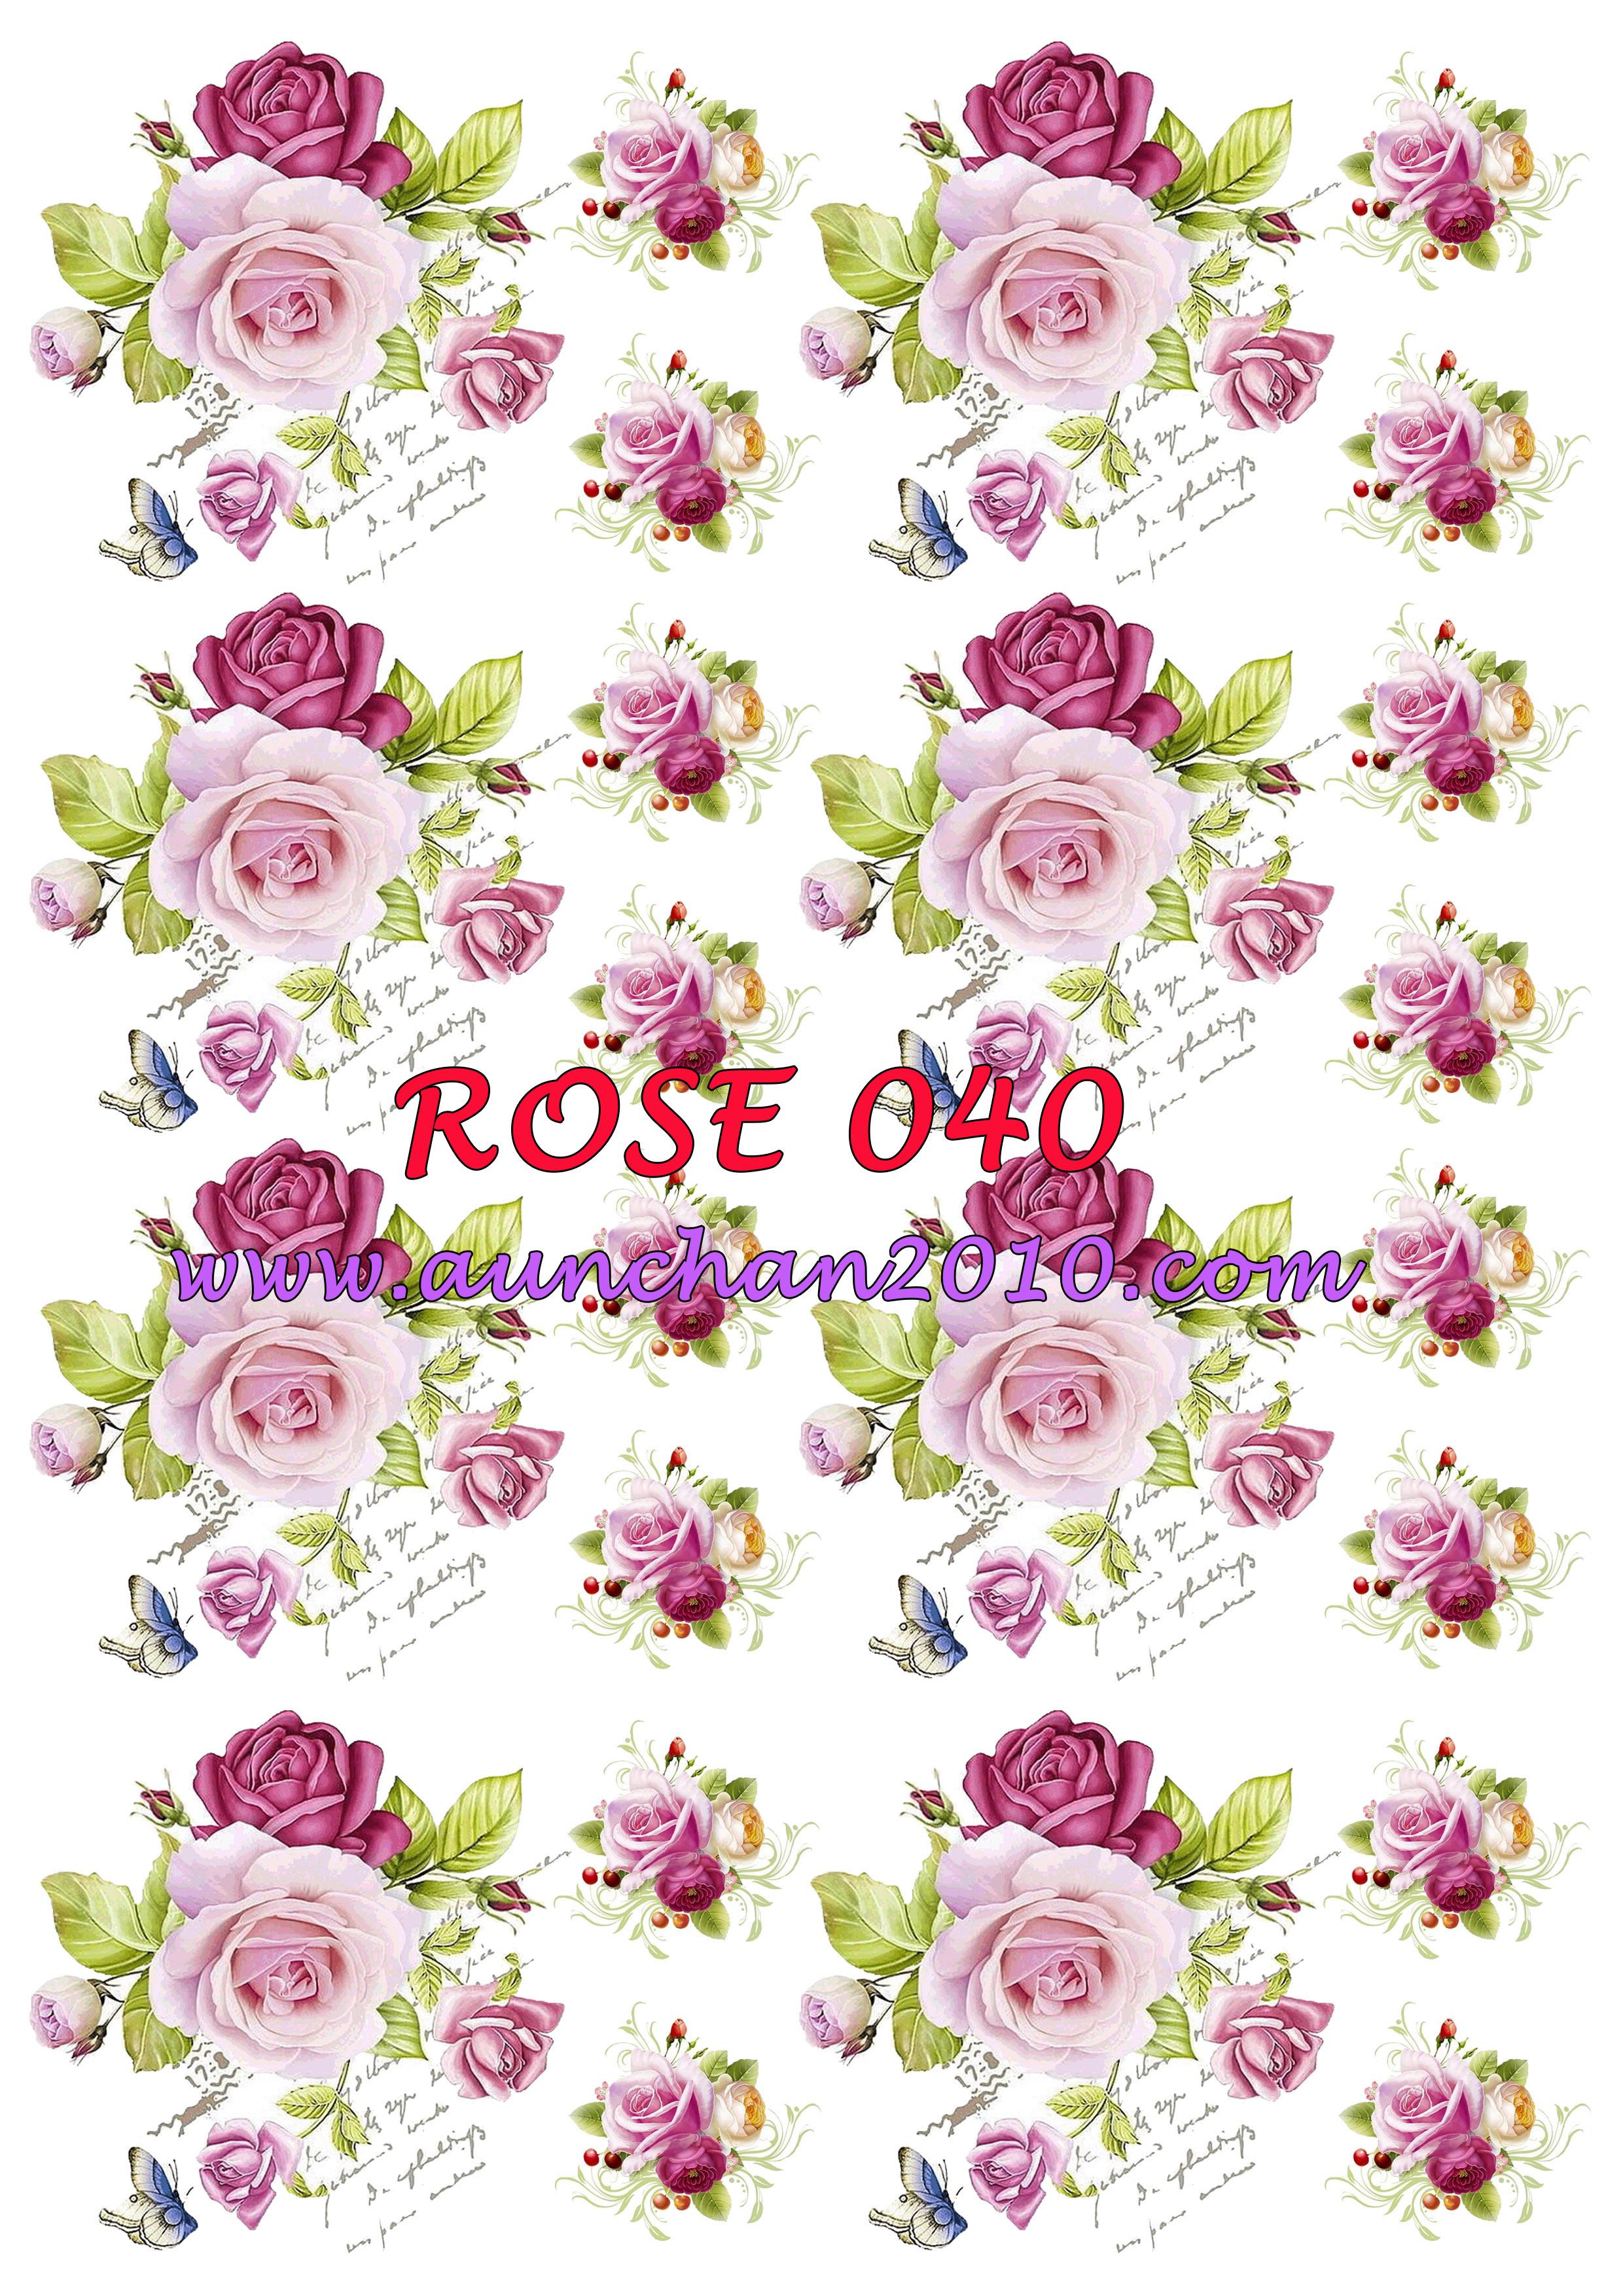 ROSE040 กระดาษแนพกิ้น 21x30ซม. ลายกุหลาบ